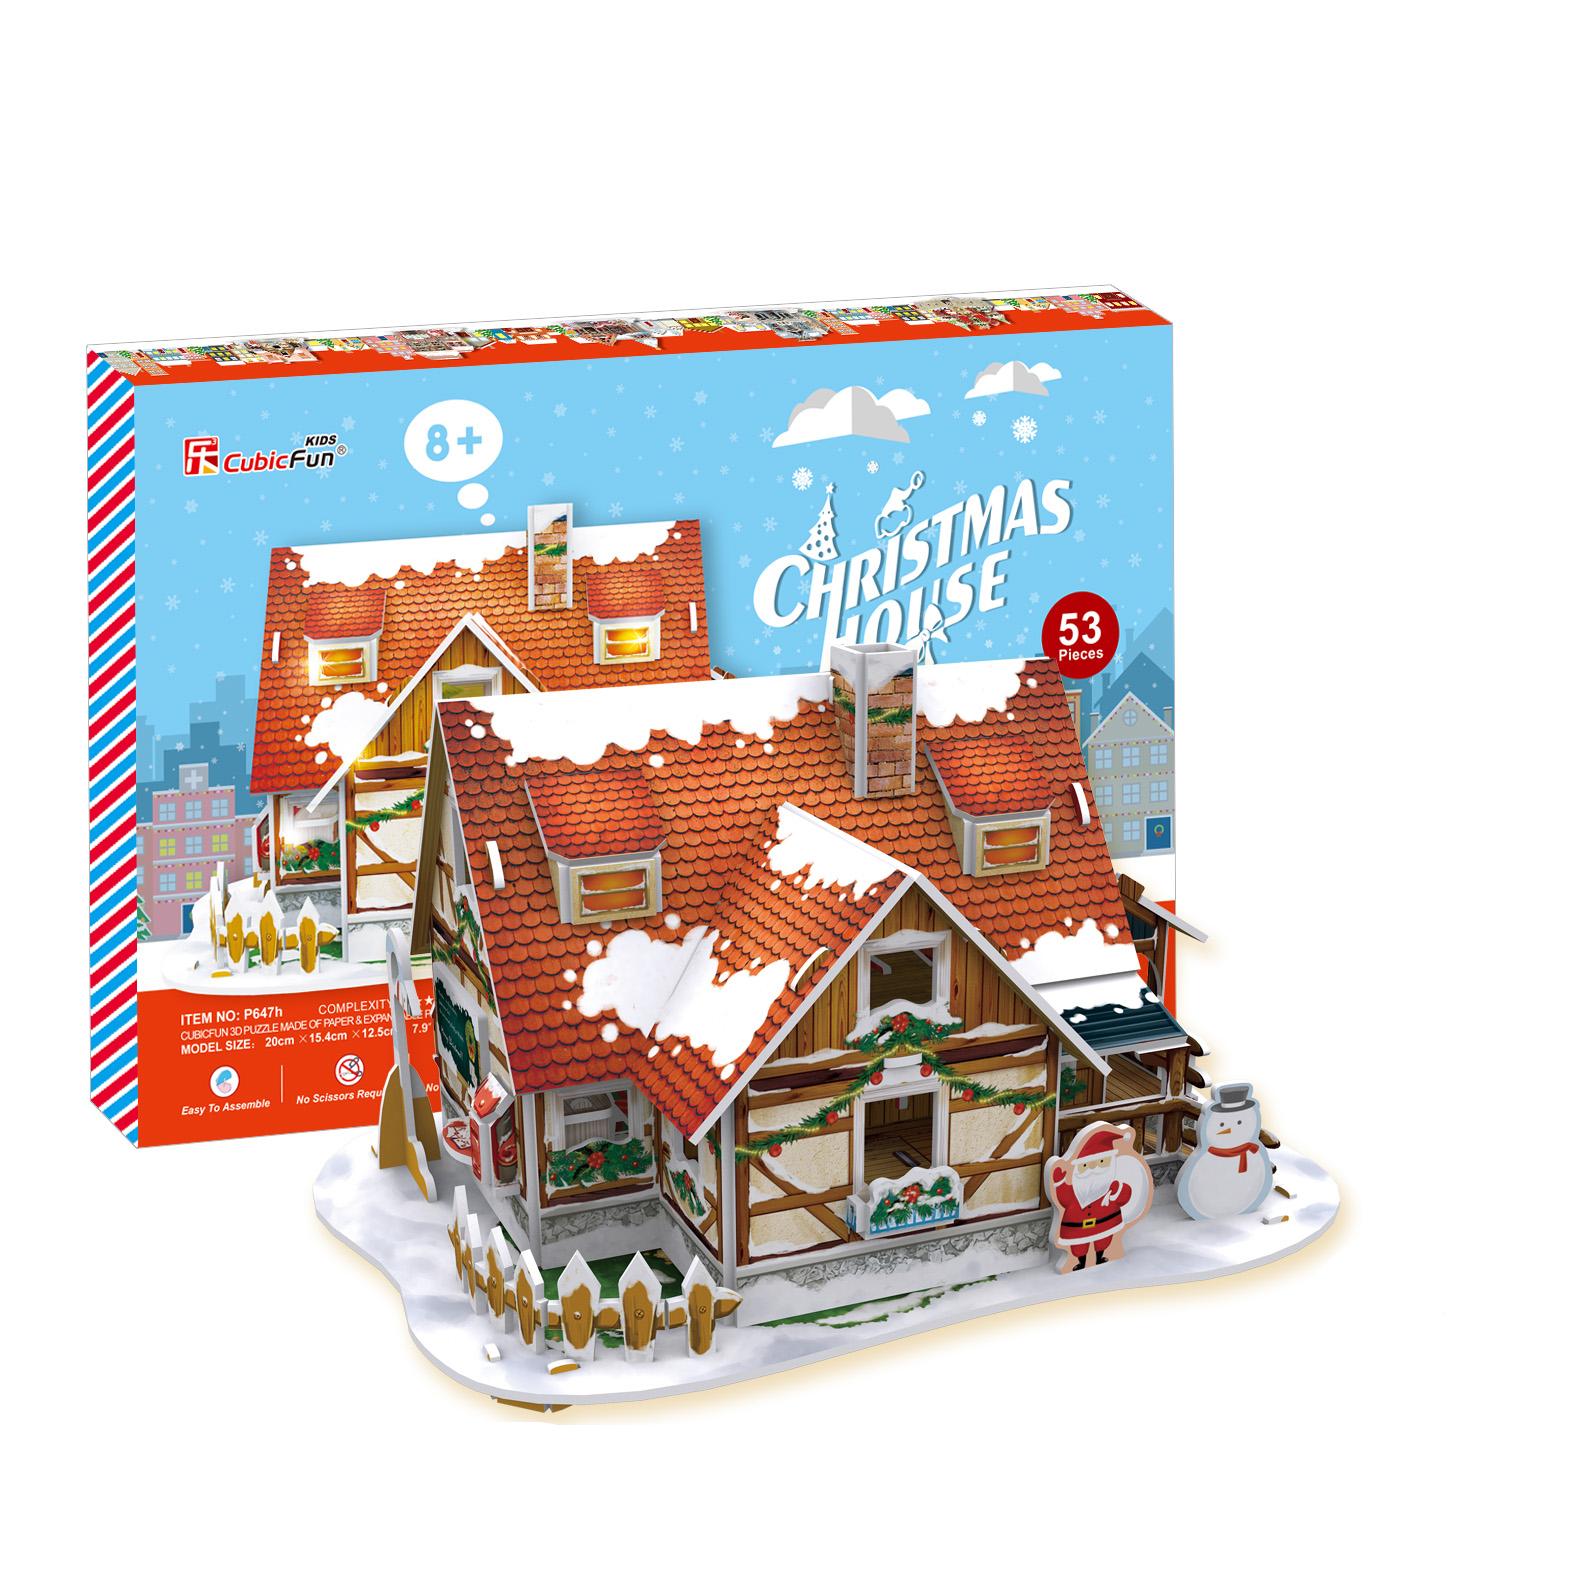 CHRISTMAS HOUSE 1 + LED LIGHTING